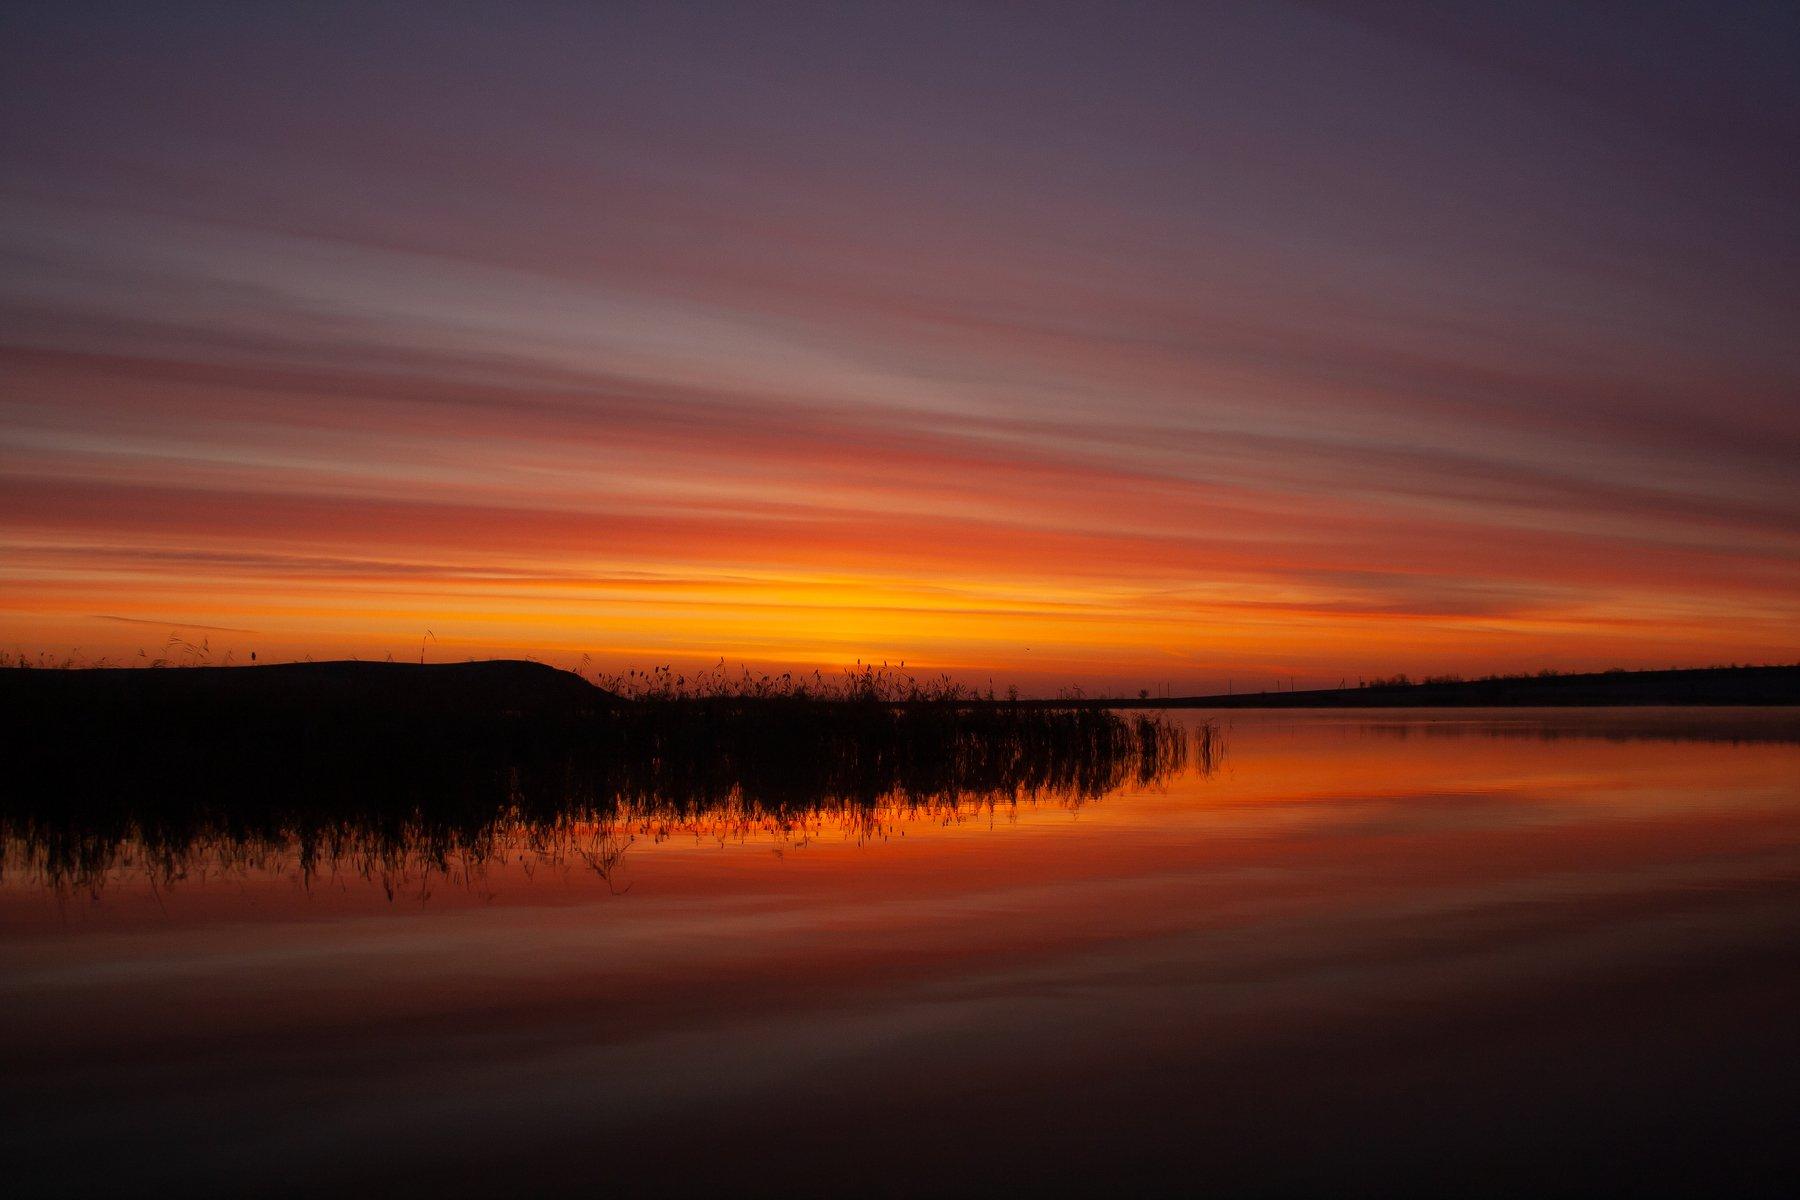 Природа, пейзаж, озеро, рассвет, рассвет на озере, вода, отражение, отражение в воде, камыш, небо, Александр Кожухов